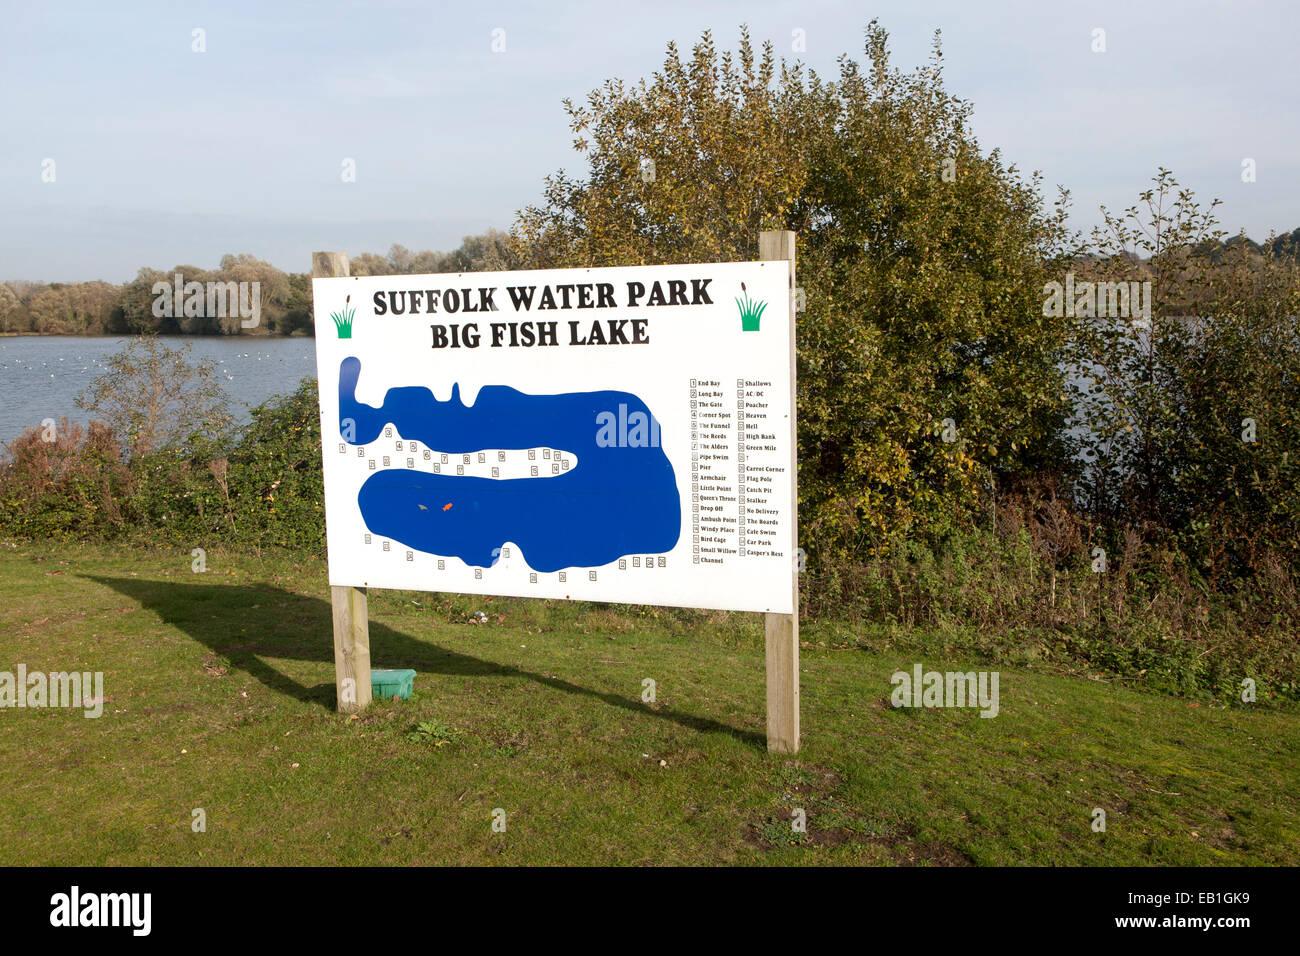 Sign showing map of big fish lake at suffolk water park for Big fish lake